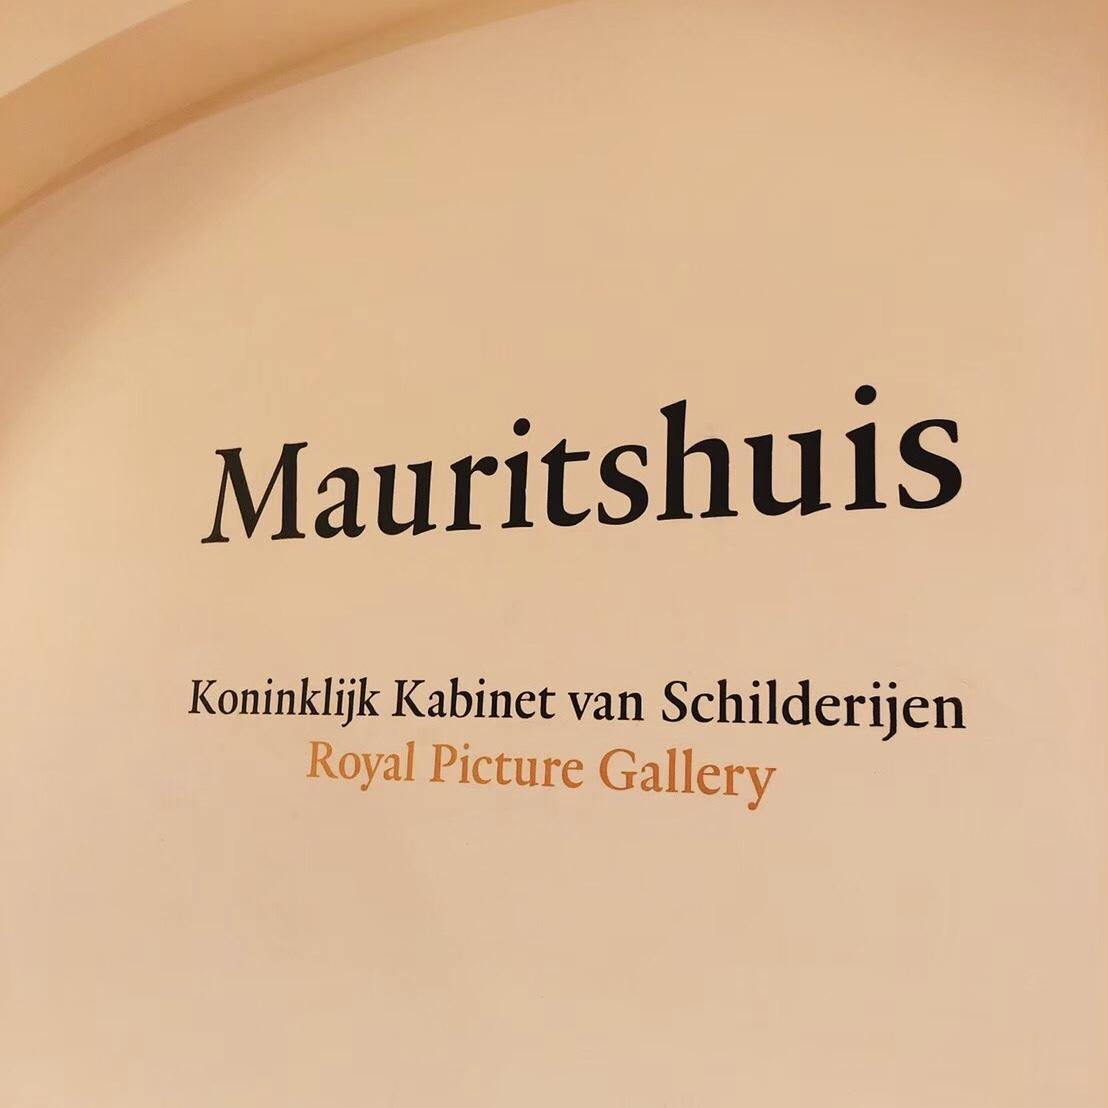 マウリッツハイス美術館ロゴ